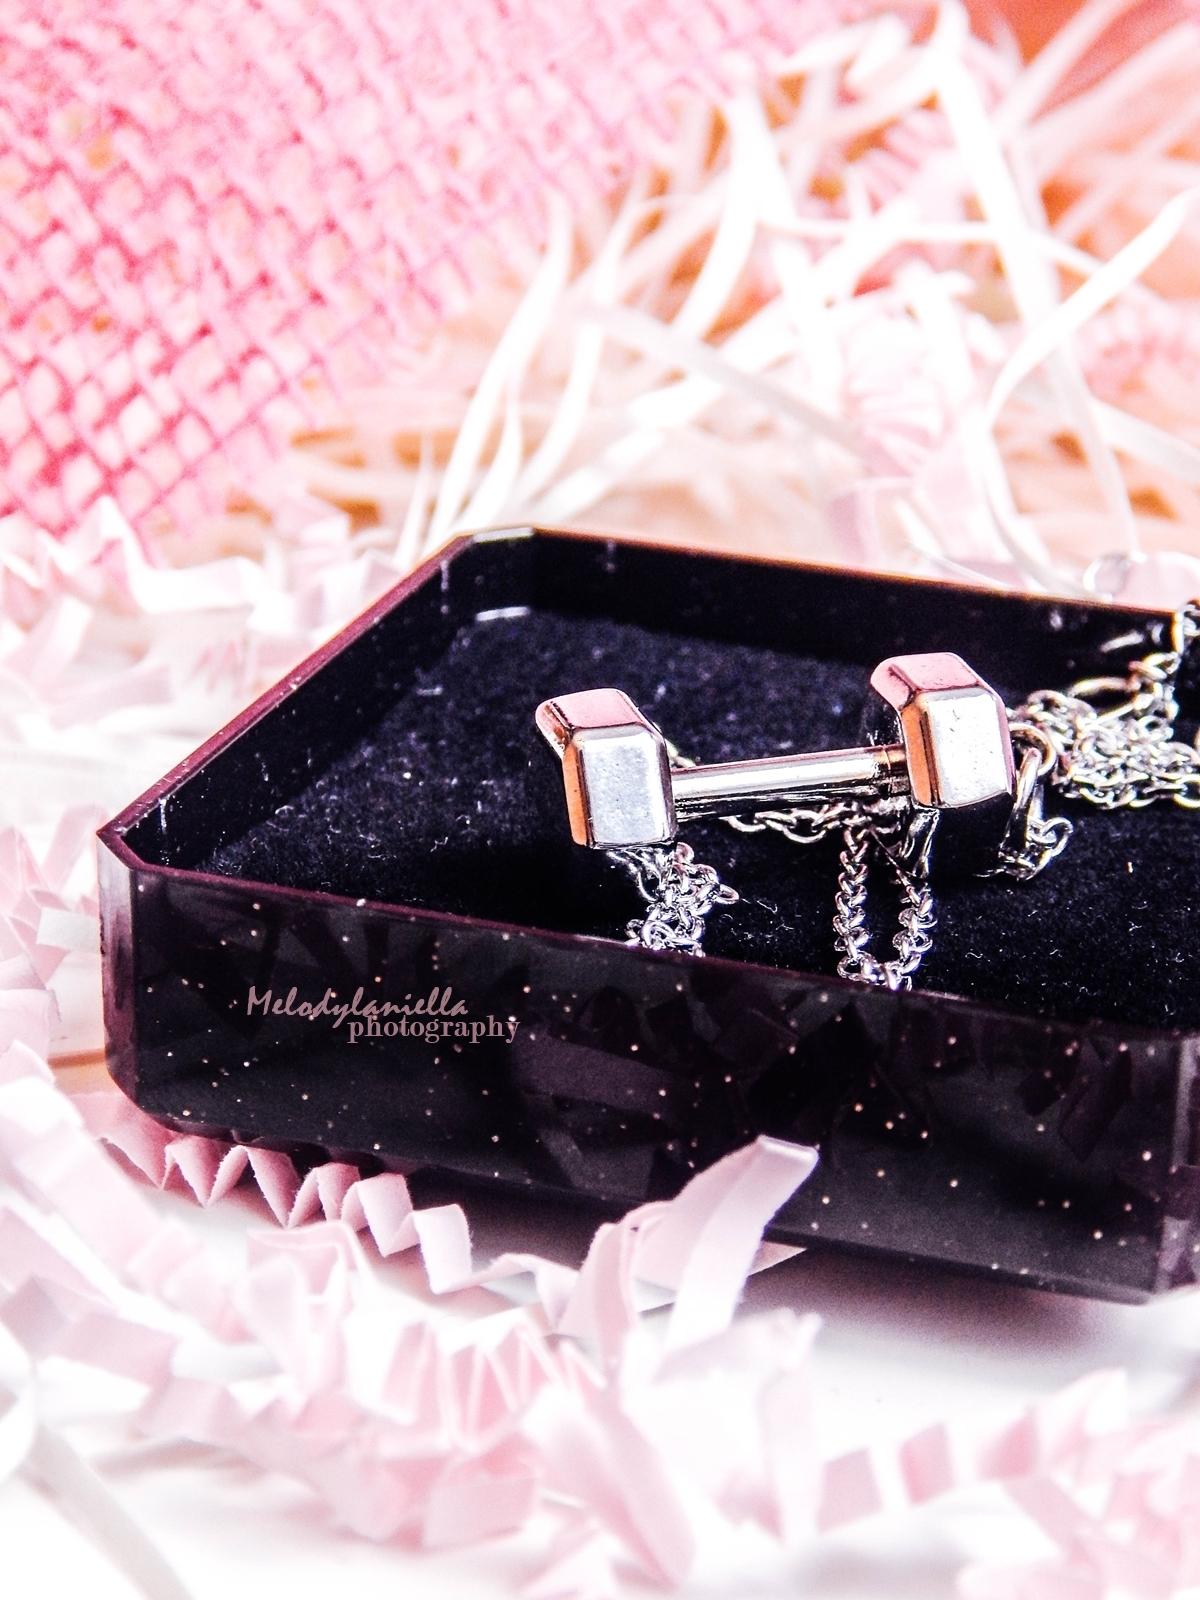 dodatki dla aktywnych dziewczy srebrna bizuteria power jewels powerjewels ciężarki hantle bransoletka łańcuszek